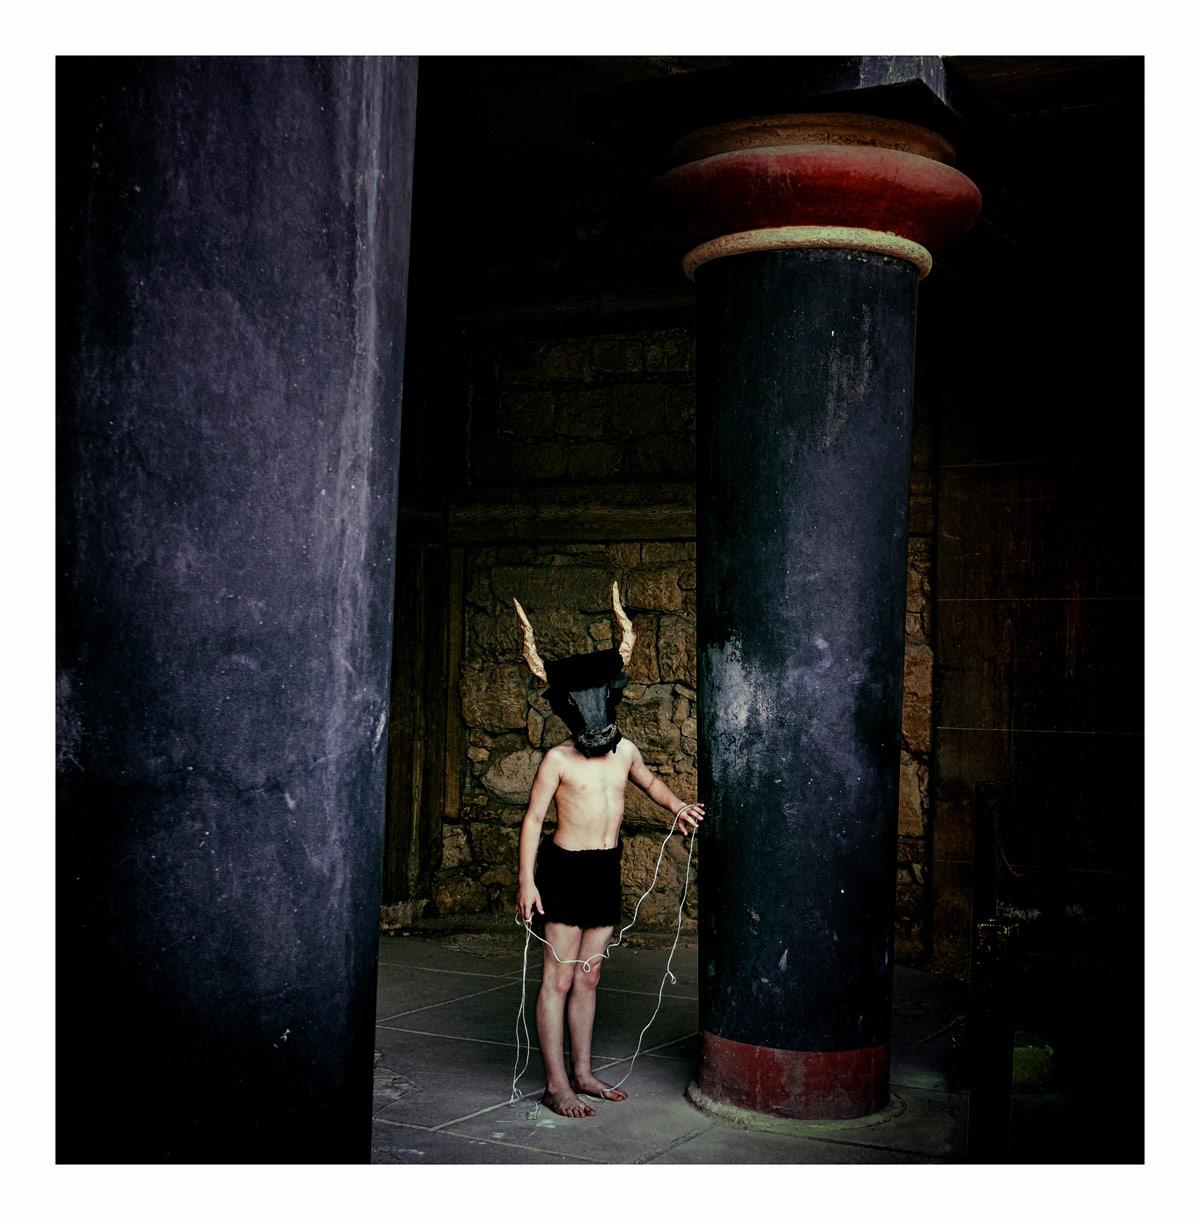 © Панос Скордас, Греция, Победитель категории «Культура», открытый конкурс, Sony World Photography Awards